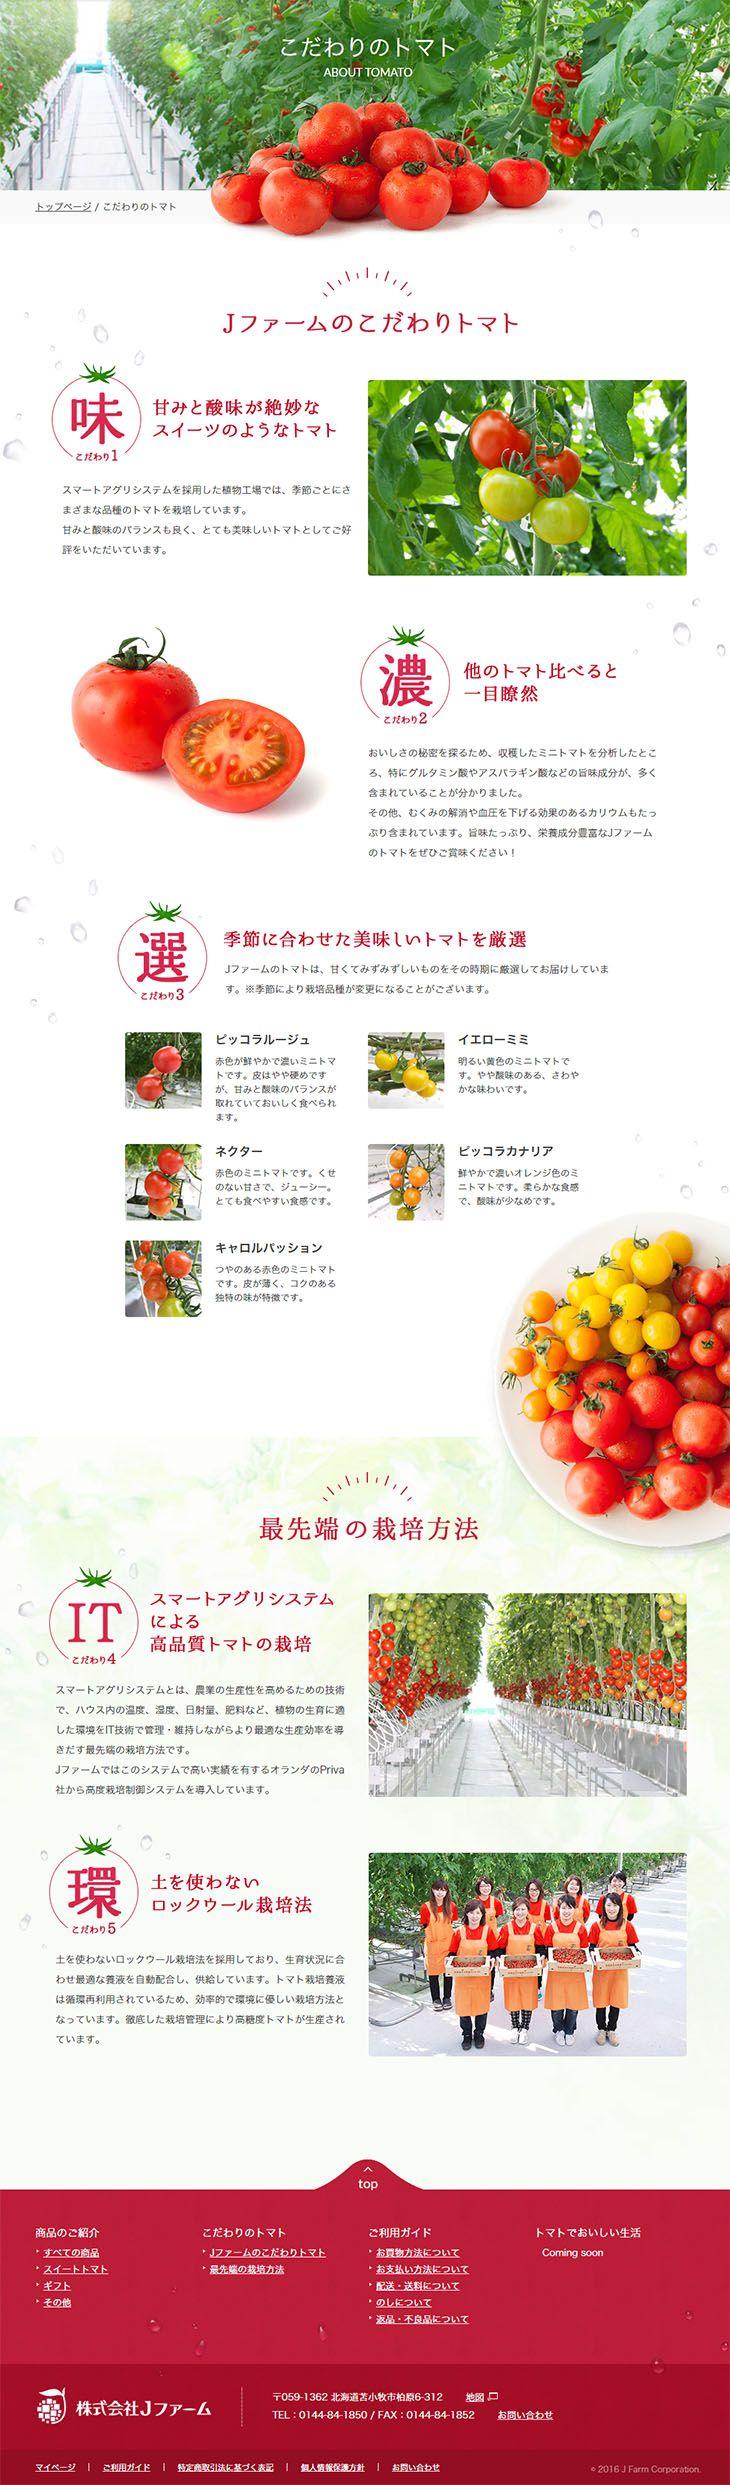 こだわりのトマト【食品関連】のLPデザイン。WEBデザイナーさん必見!ランディングページのデザイン参考に(シンプル系)